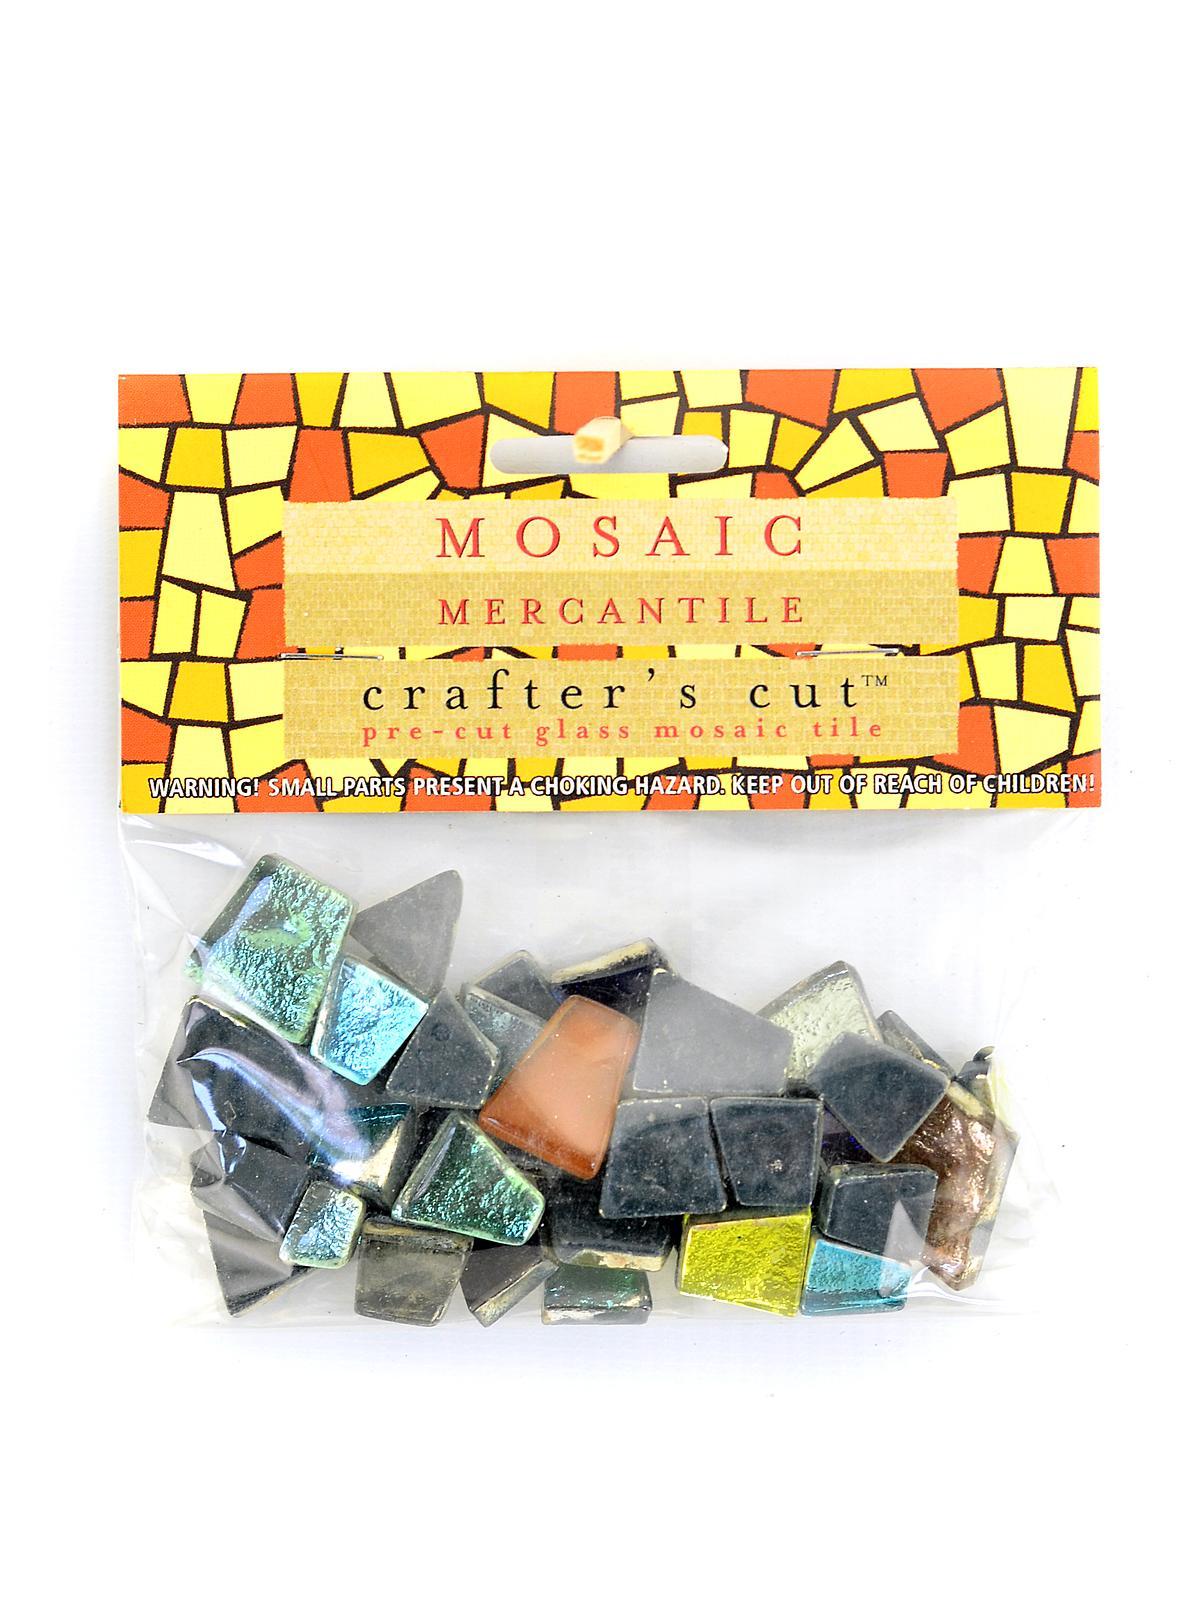 Crafter's Cut Gem Mosaic Tiles